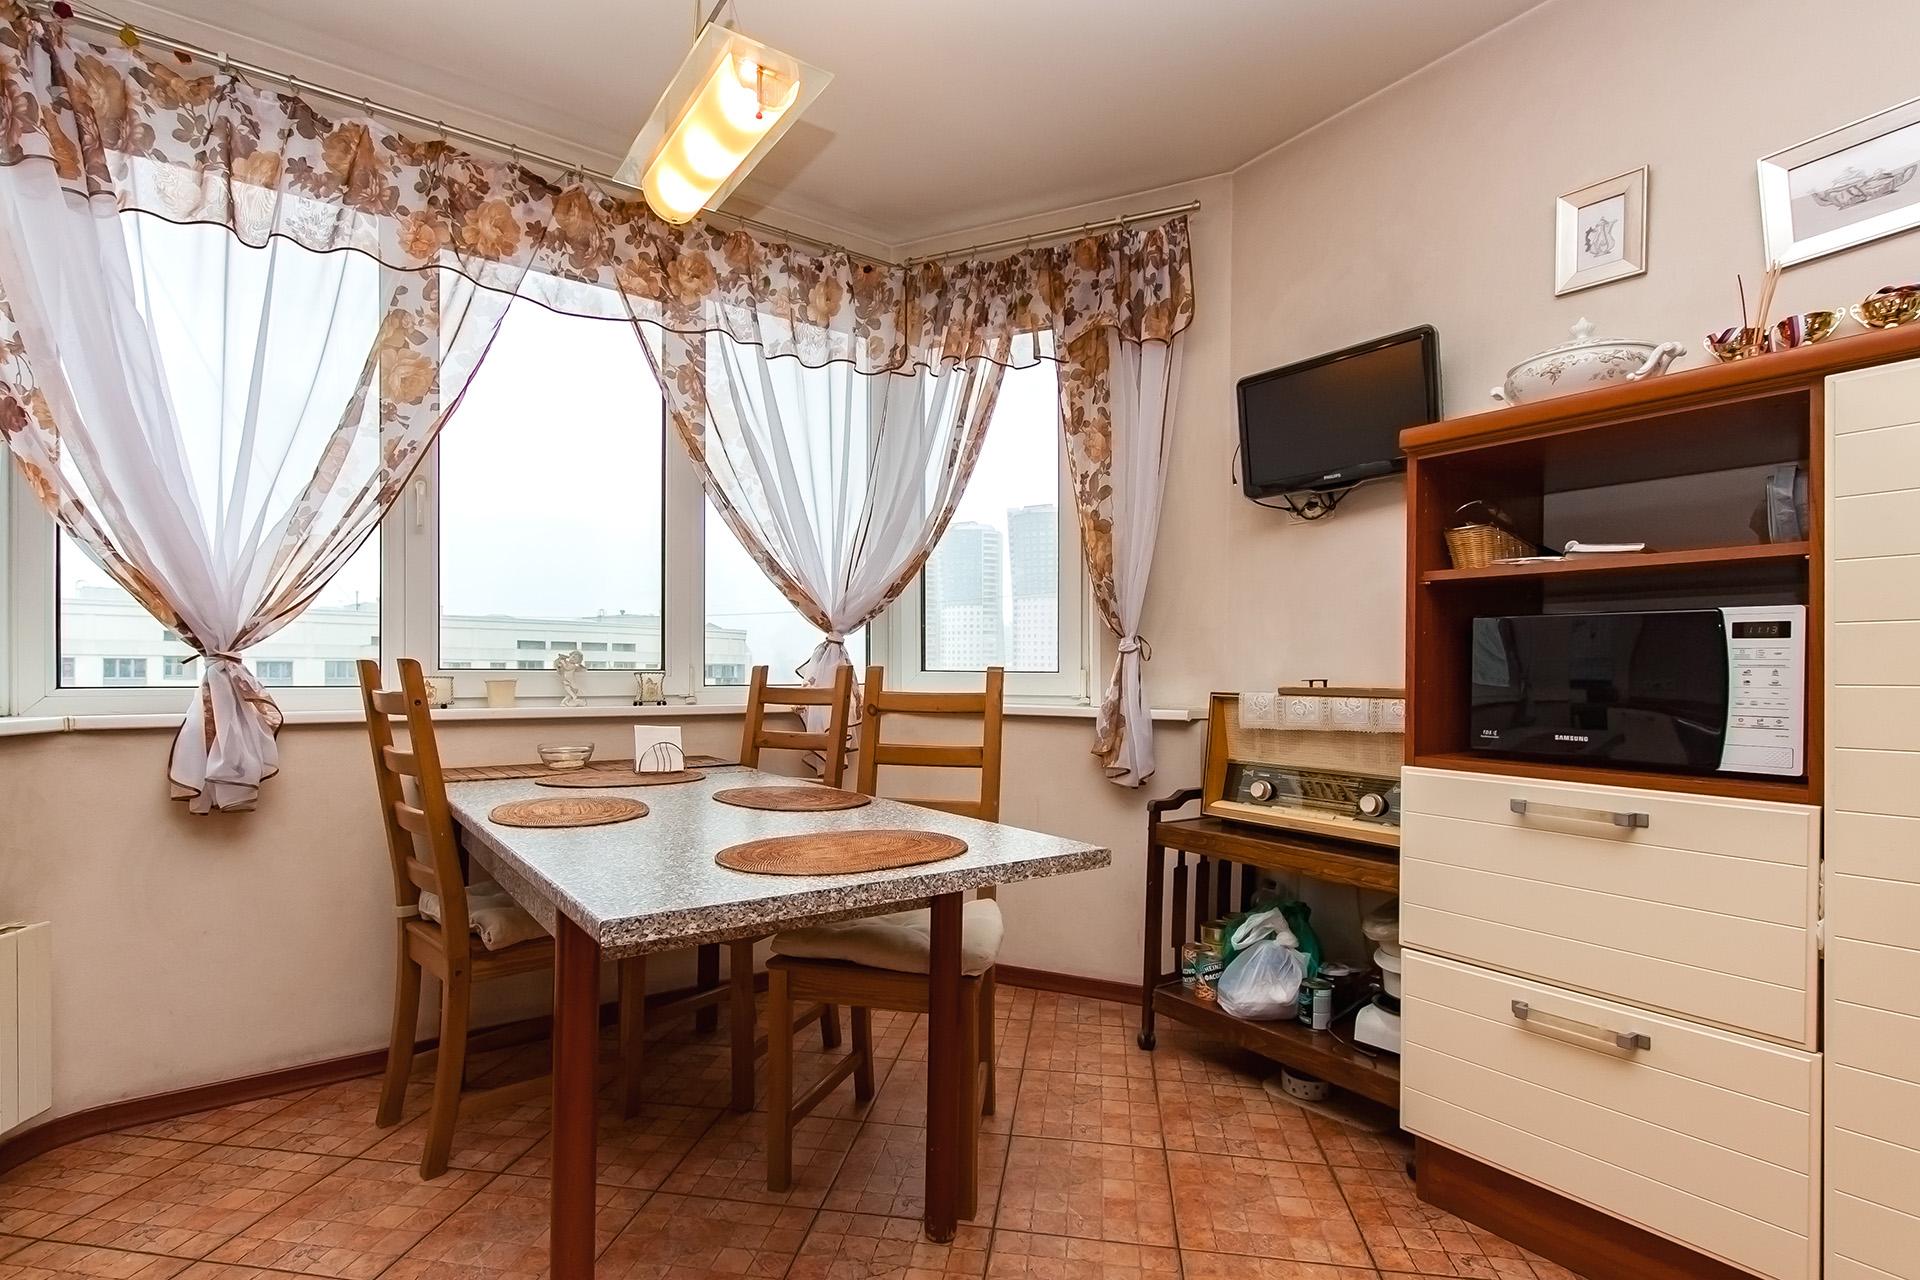 Продам 3-х комнатную квартиру в Москве, Полины Осипенко 22: moezhilye